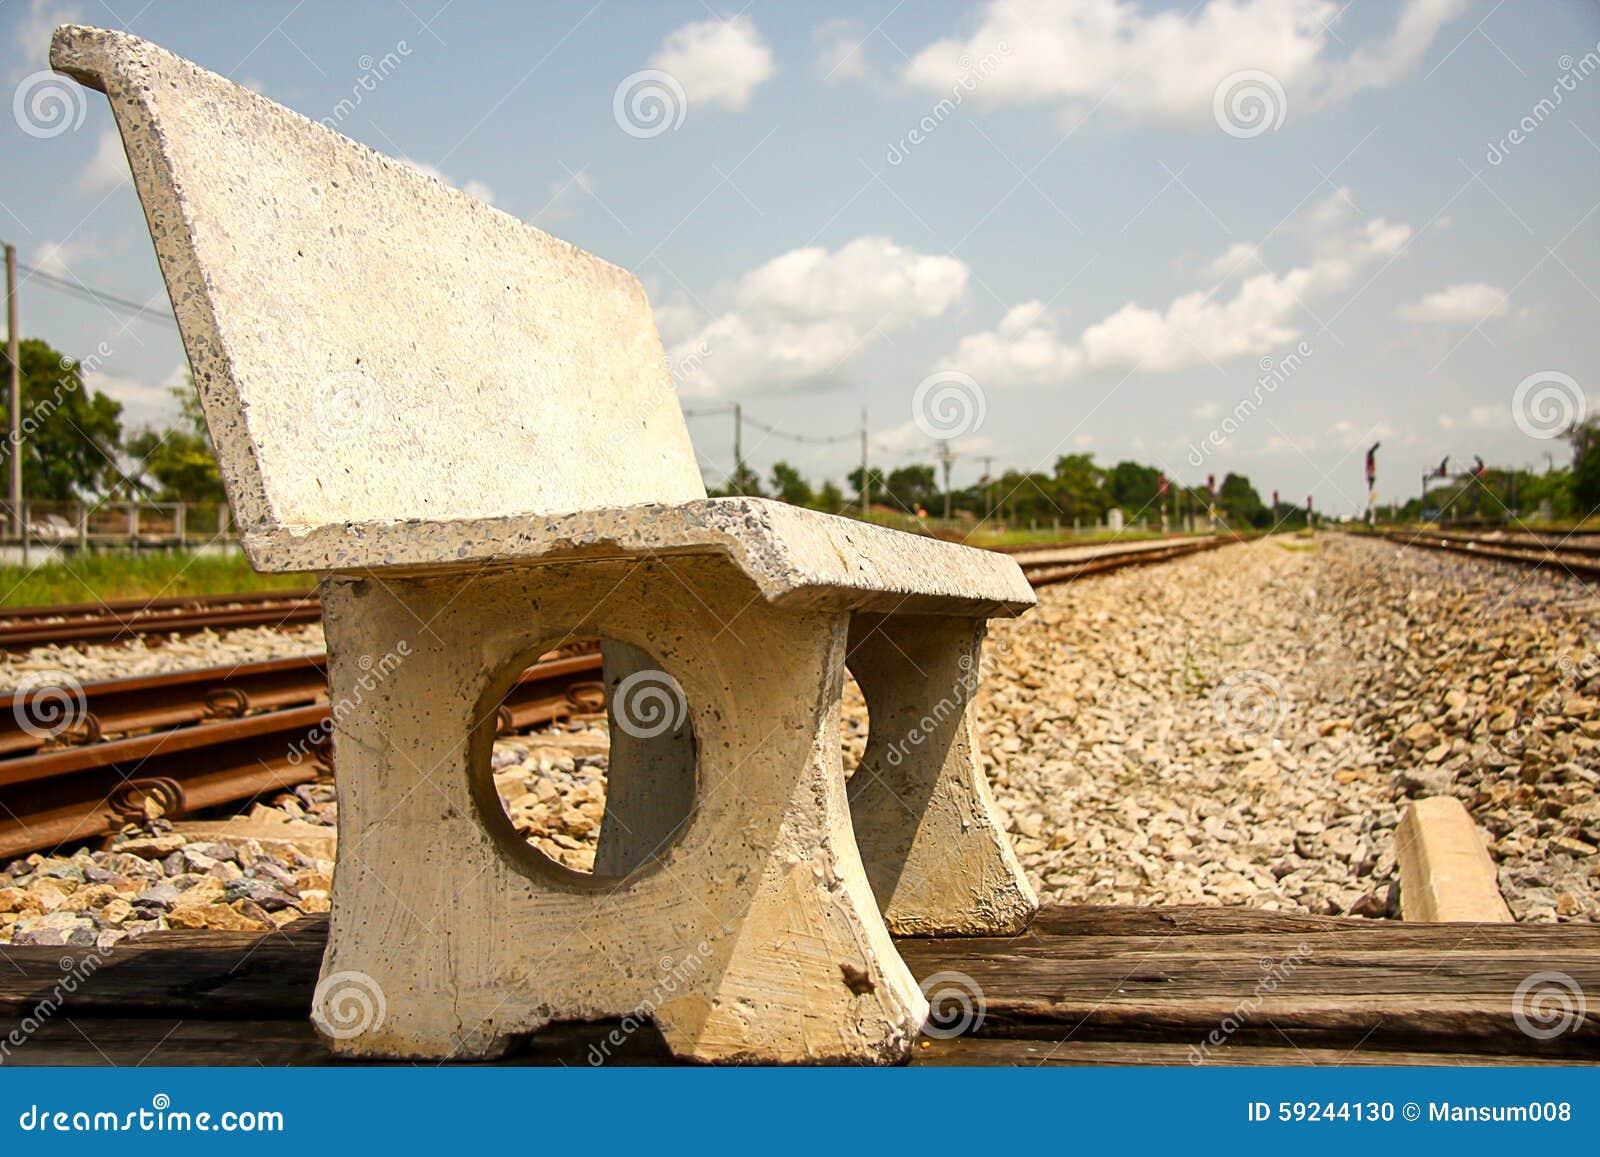 Download Silla del cemento foto de archivo. Imagen de outdoor - 59244130